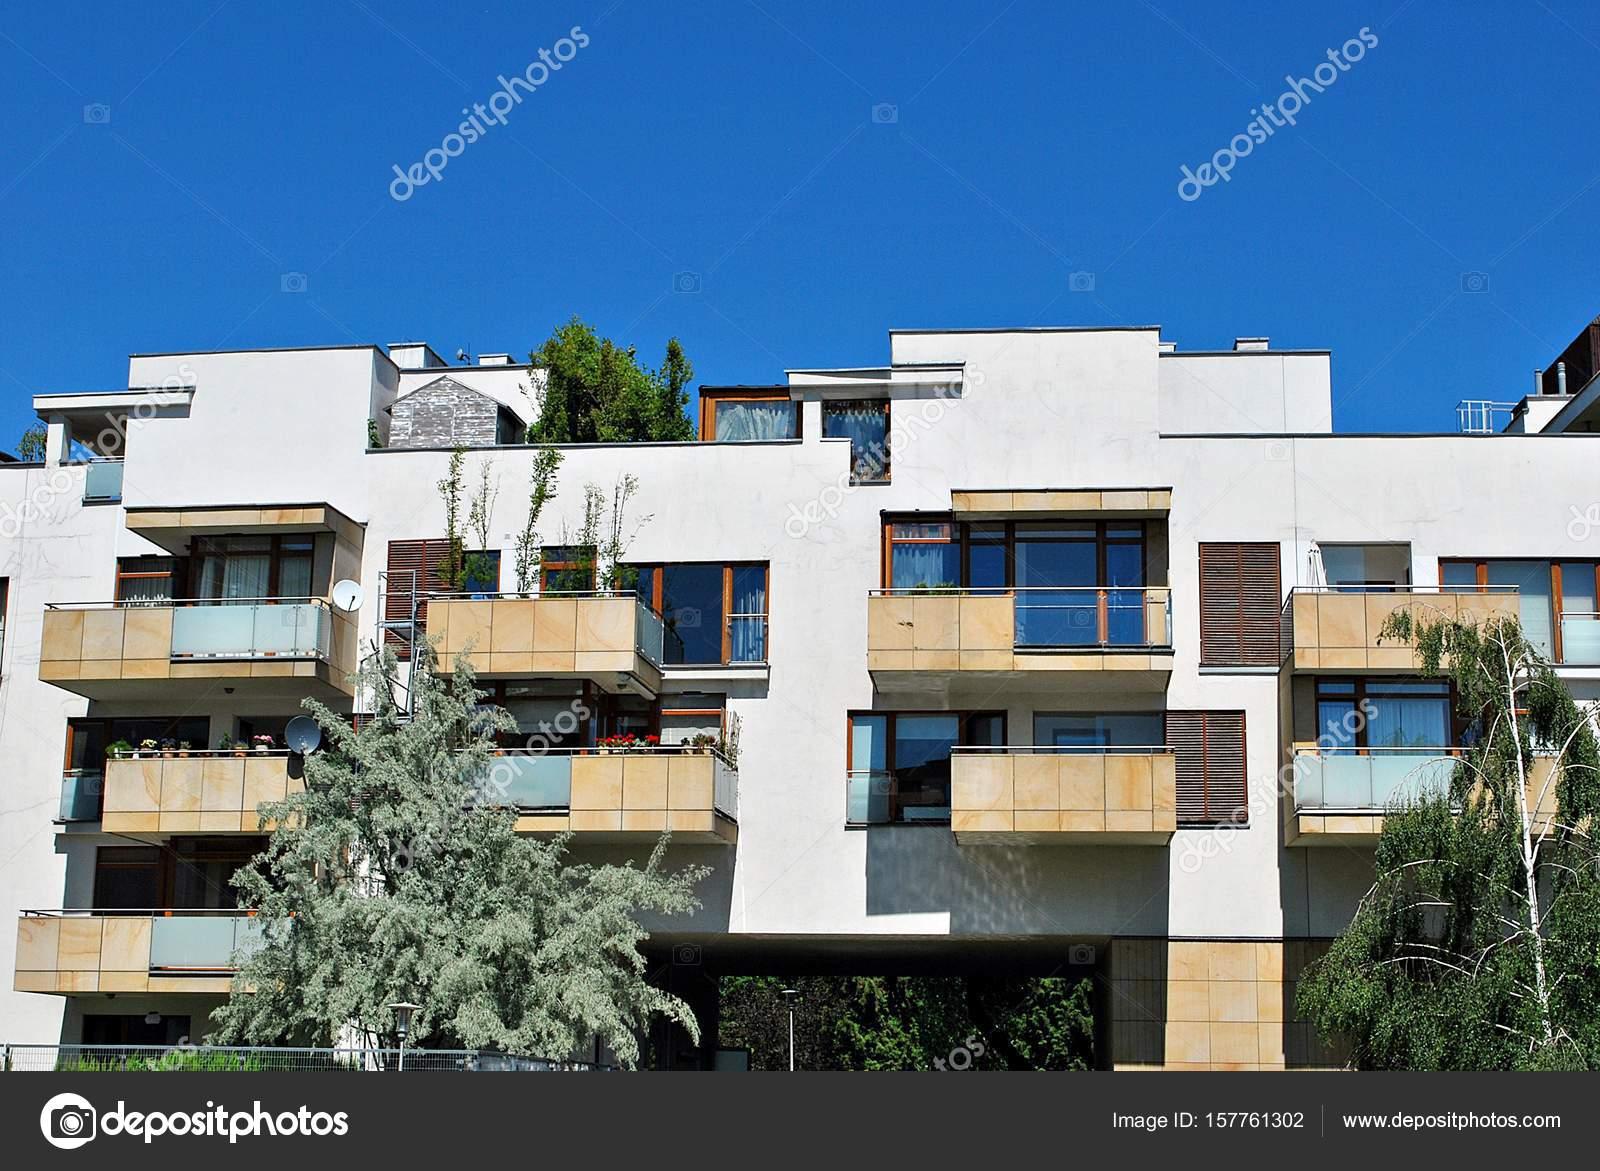 Moderne Wohnhäuser moderne wohnhäuser außenbereich stockfoto grand warszawa 157761302